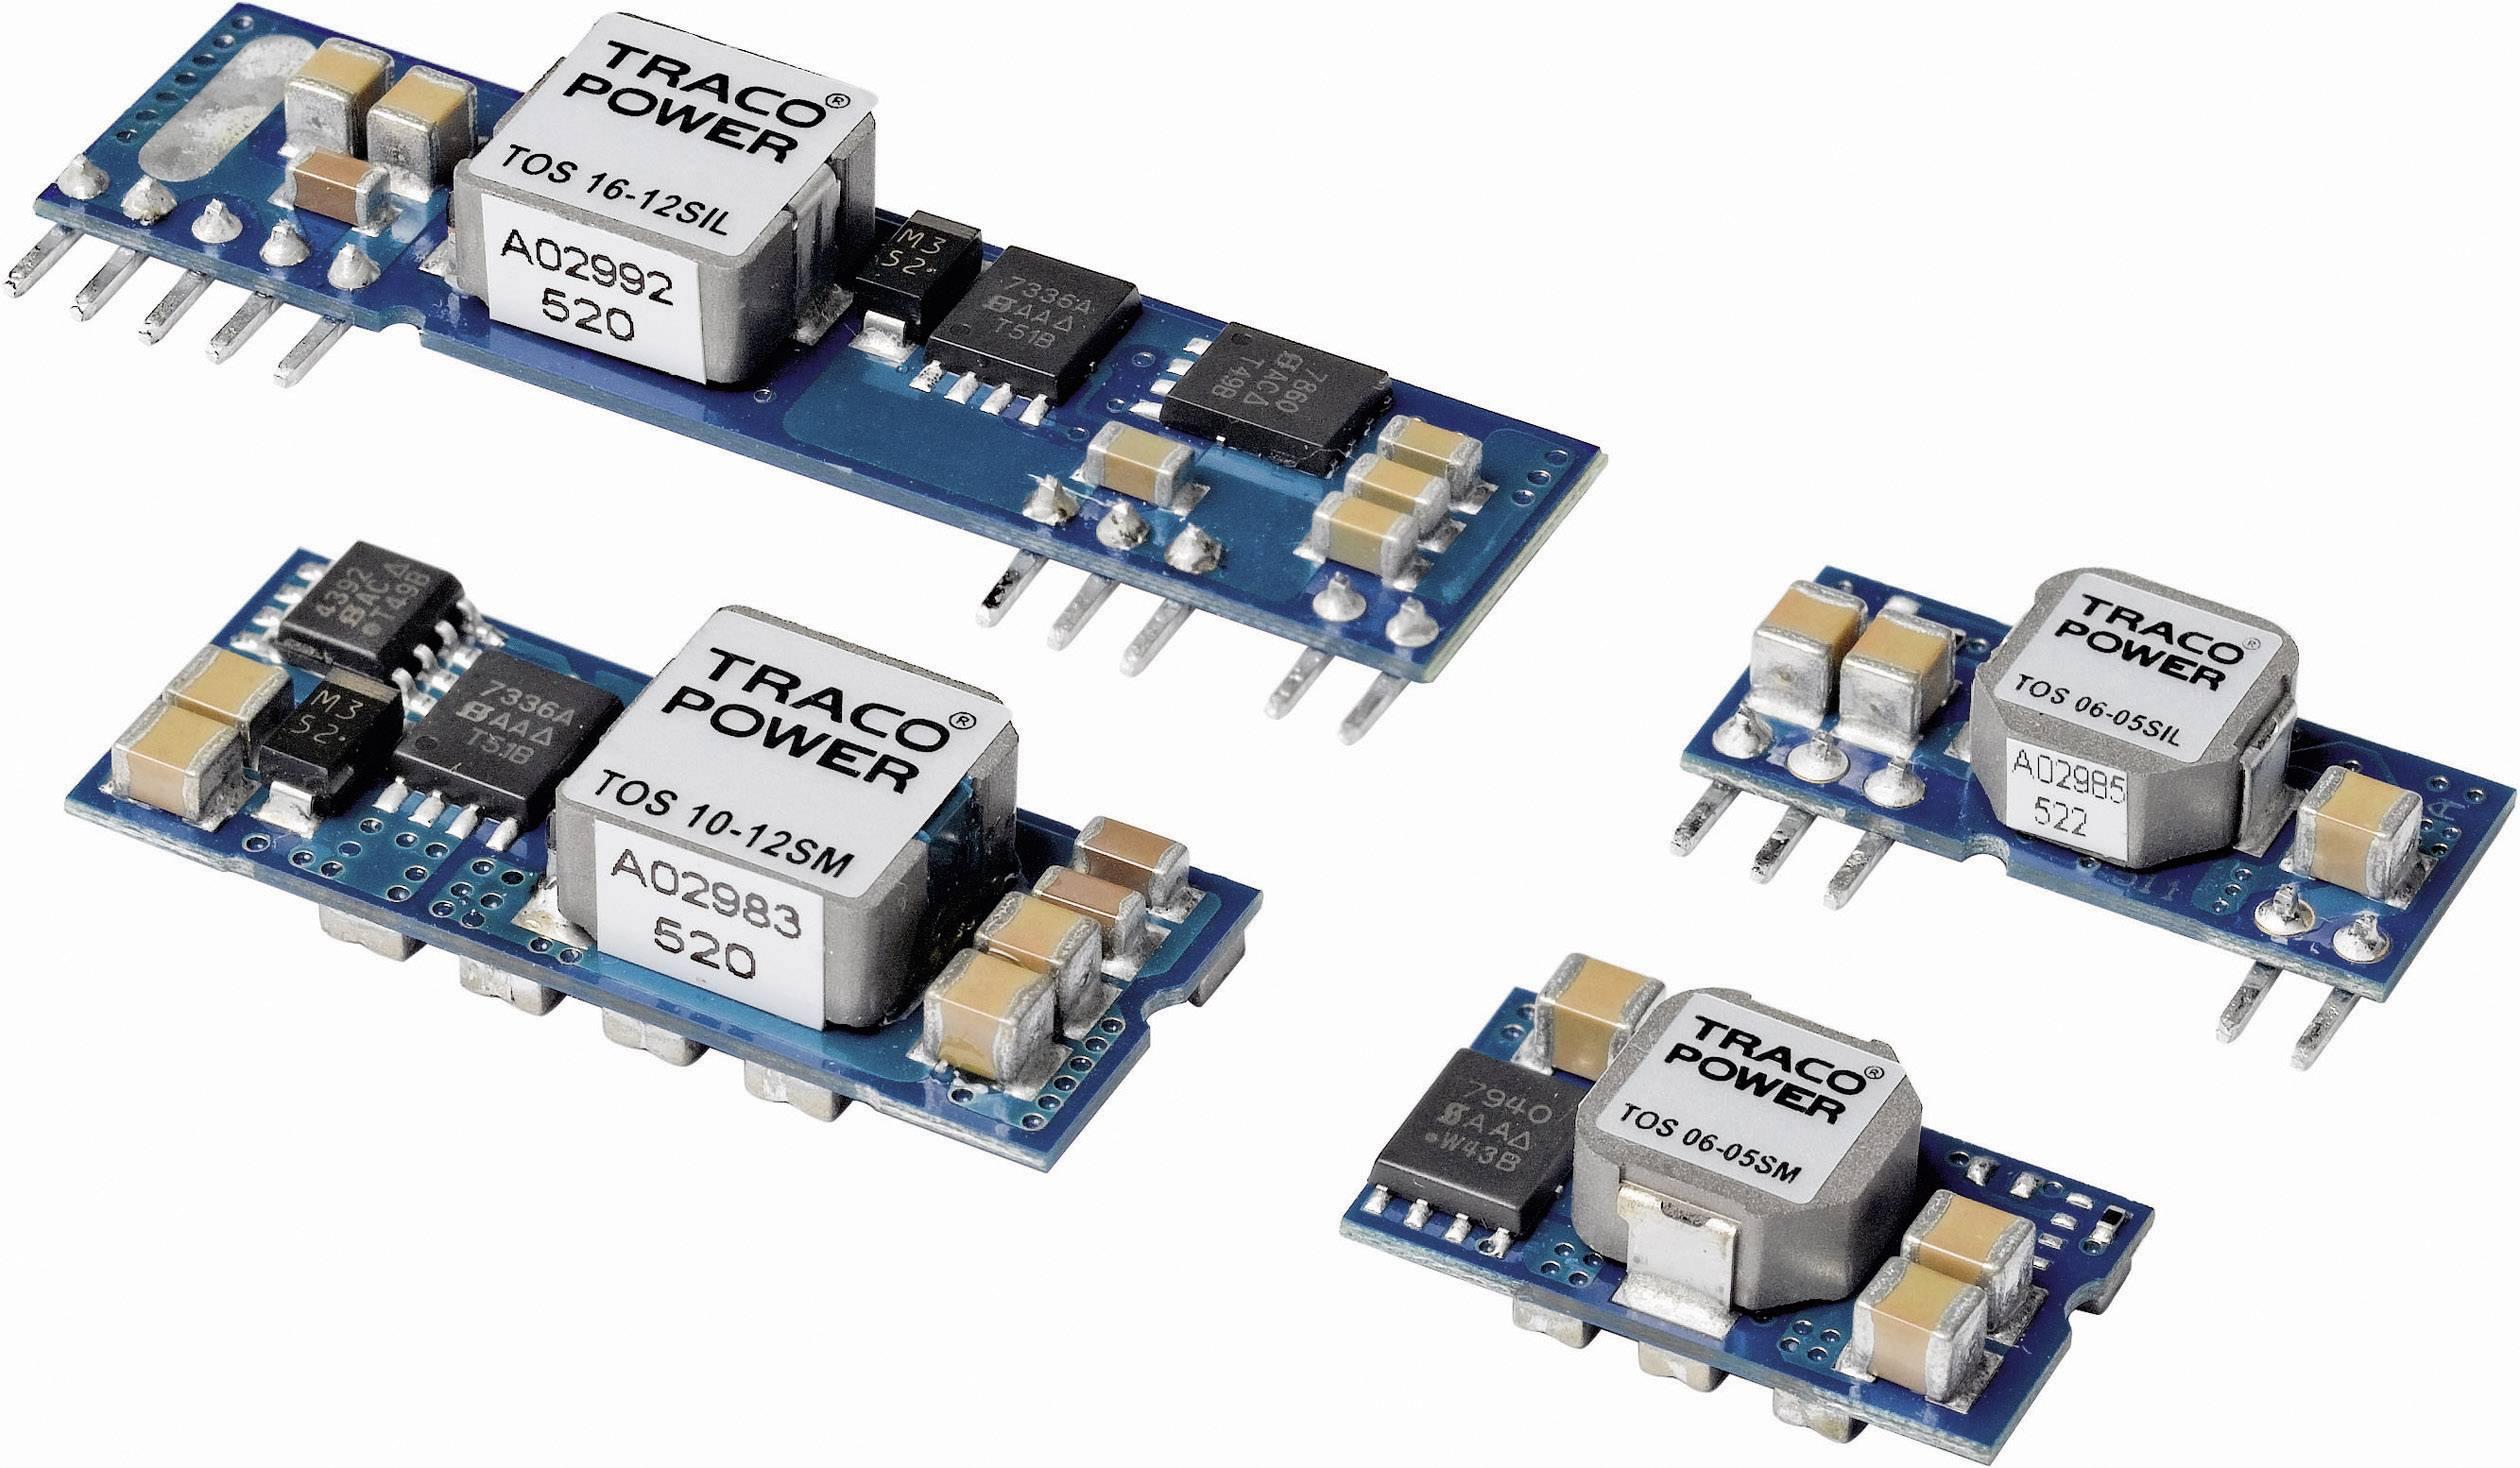 DC/DC měnič TracoPower TOS 06-12SIL, vstup 8,3 - 14 V/DC, výstup 0,75 - 5 V/DC, 6 A